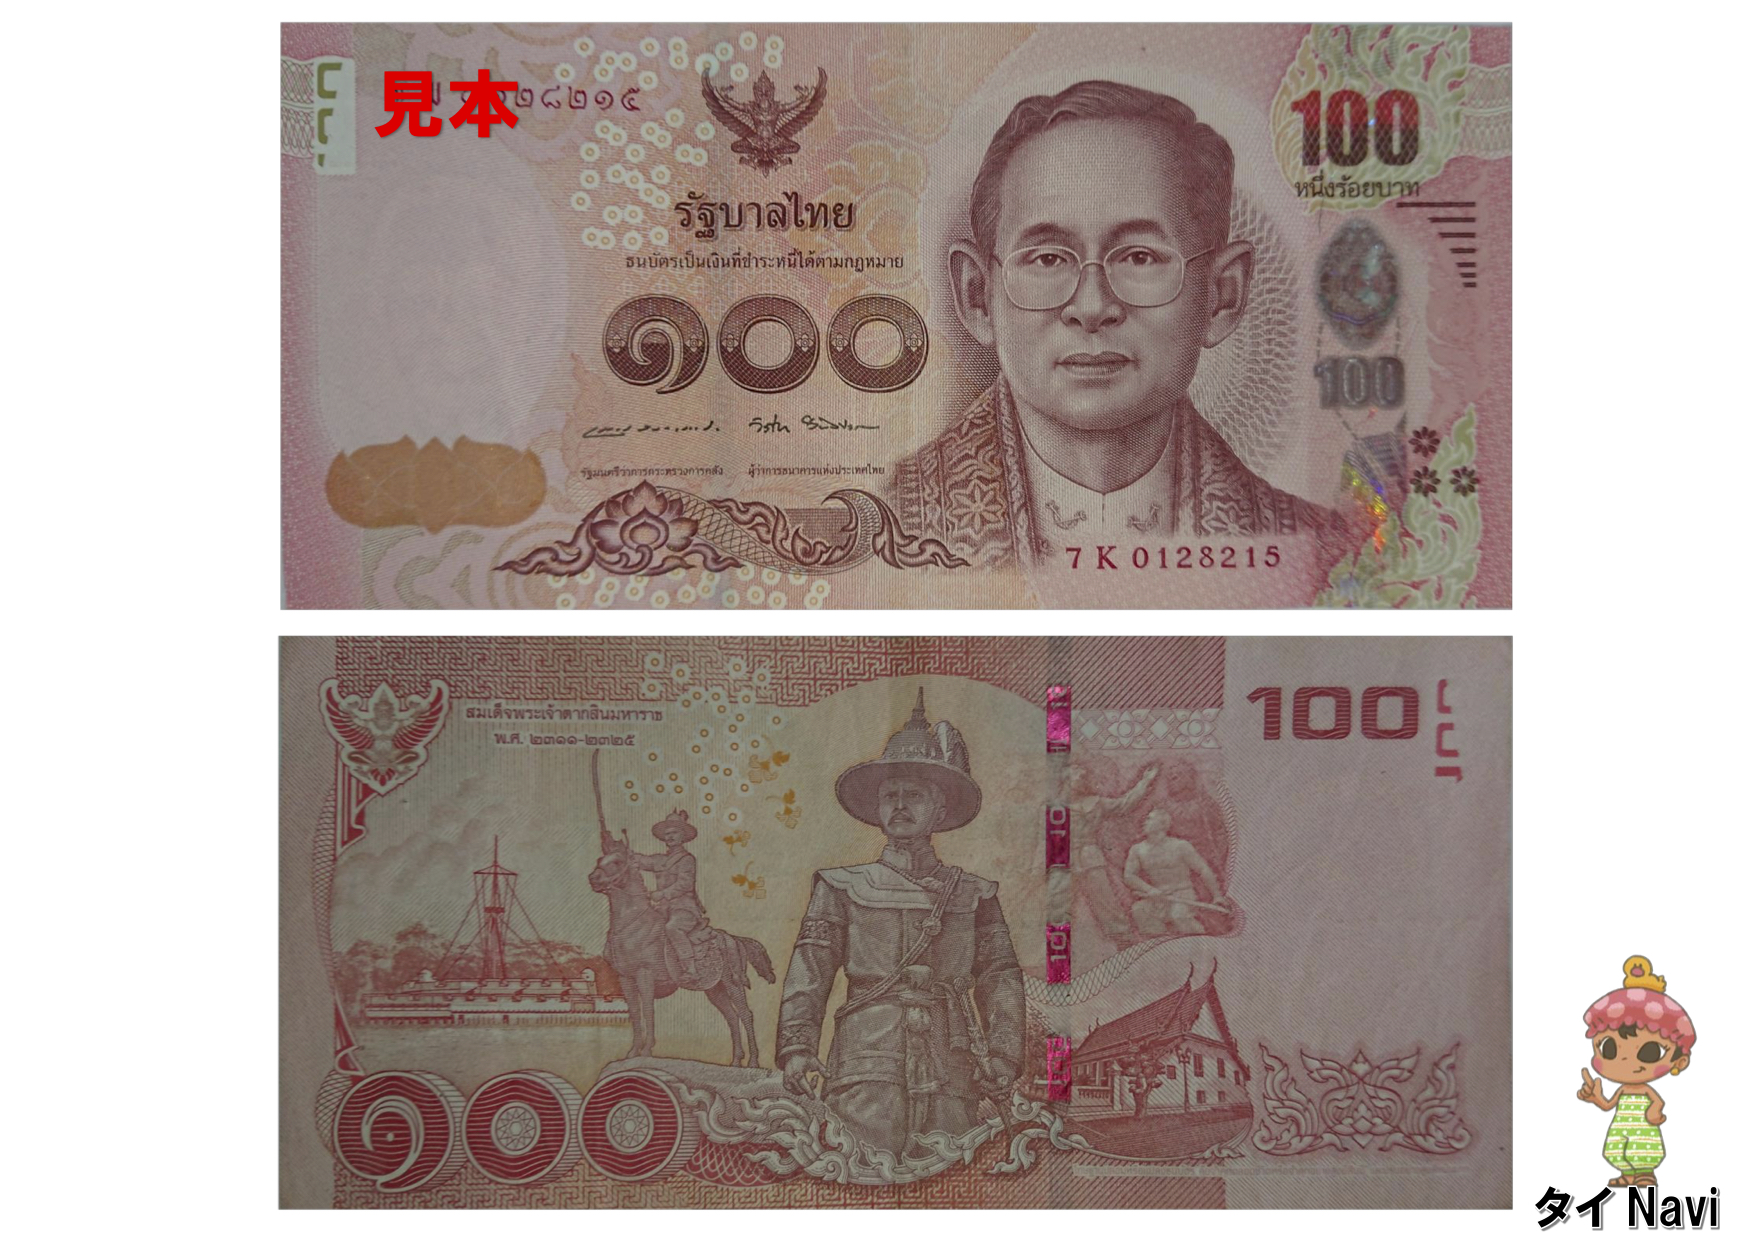 タイバーツ 紙幣 100バーツ 旧札